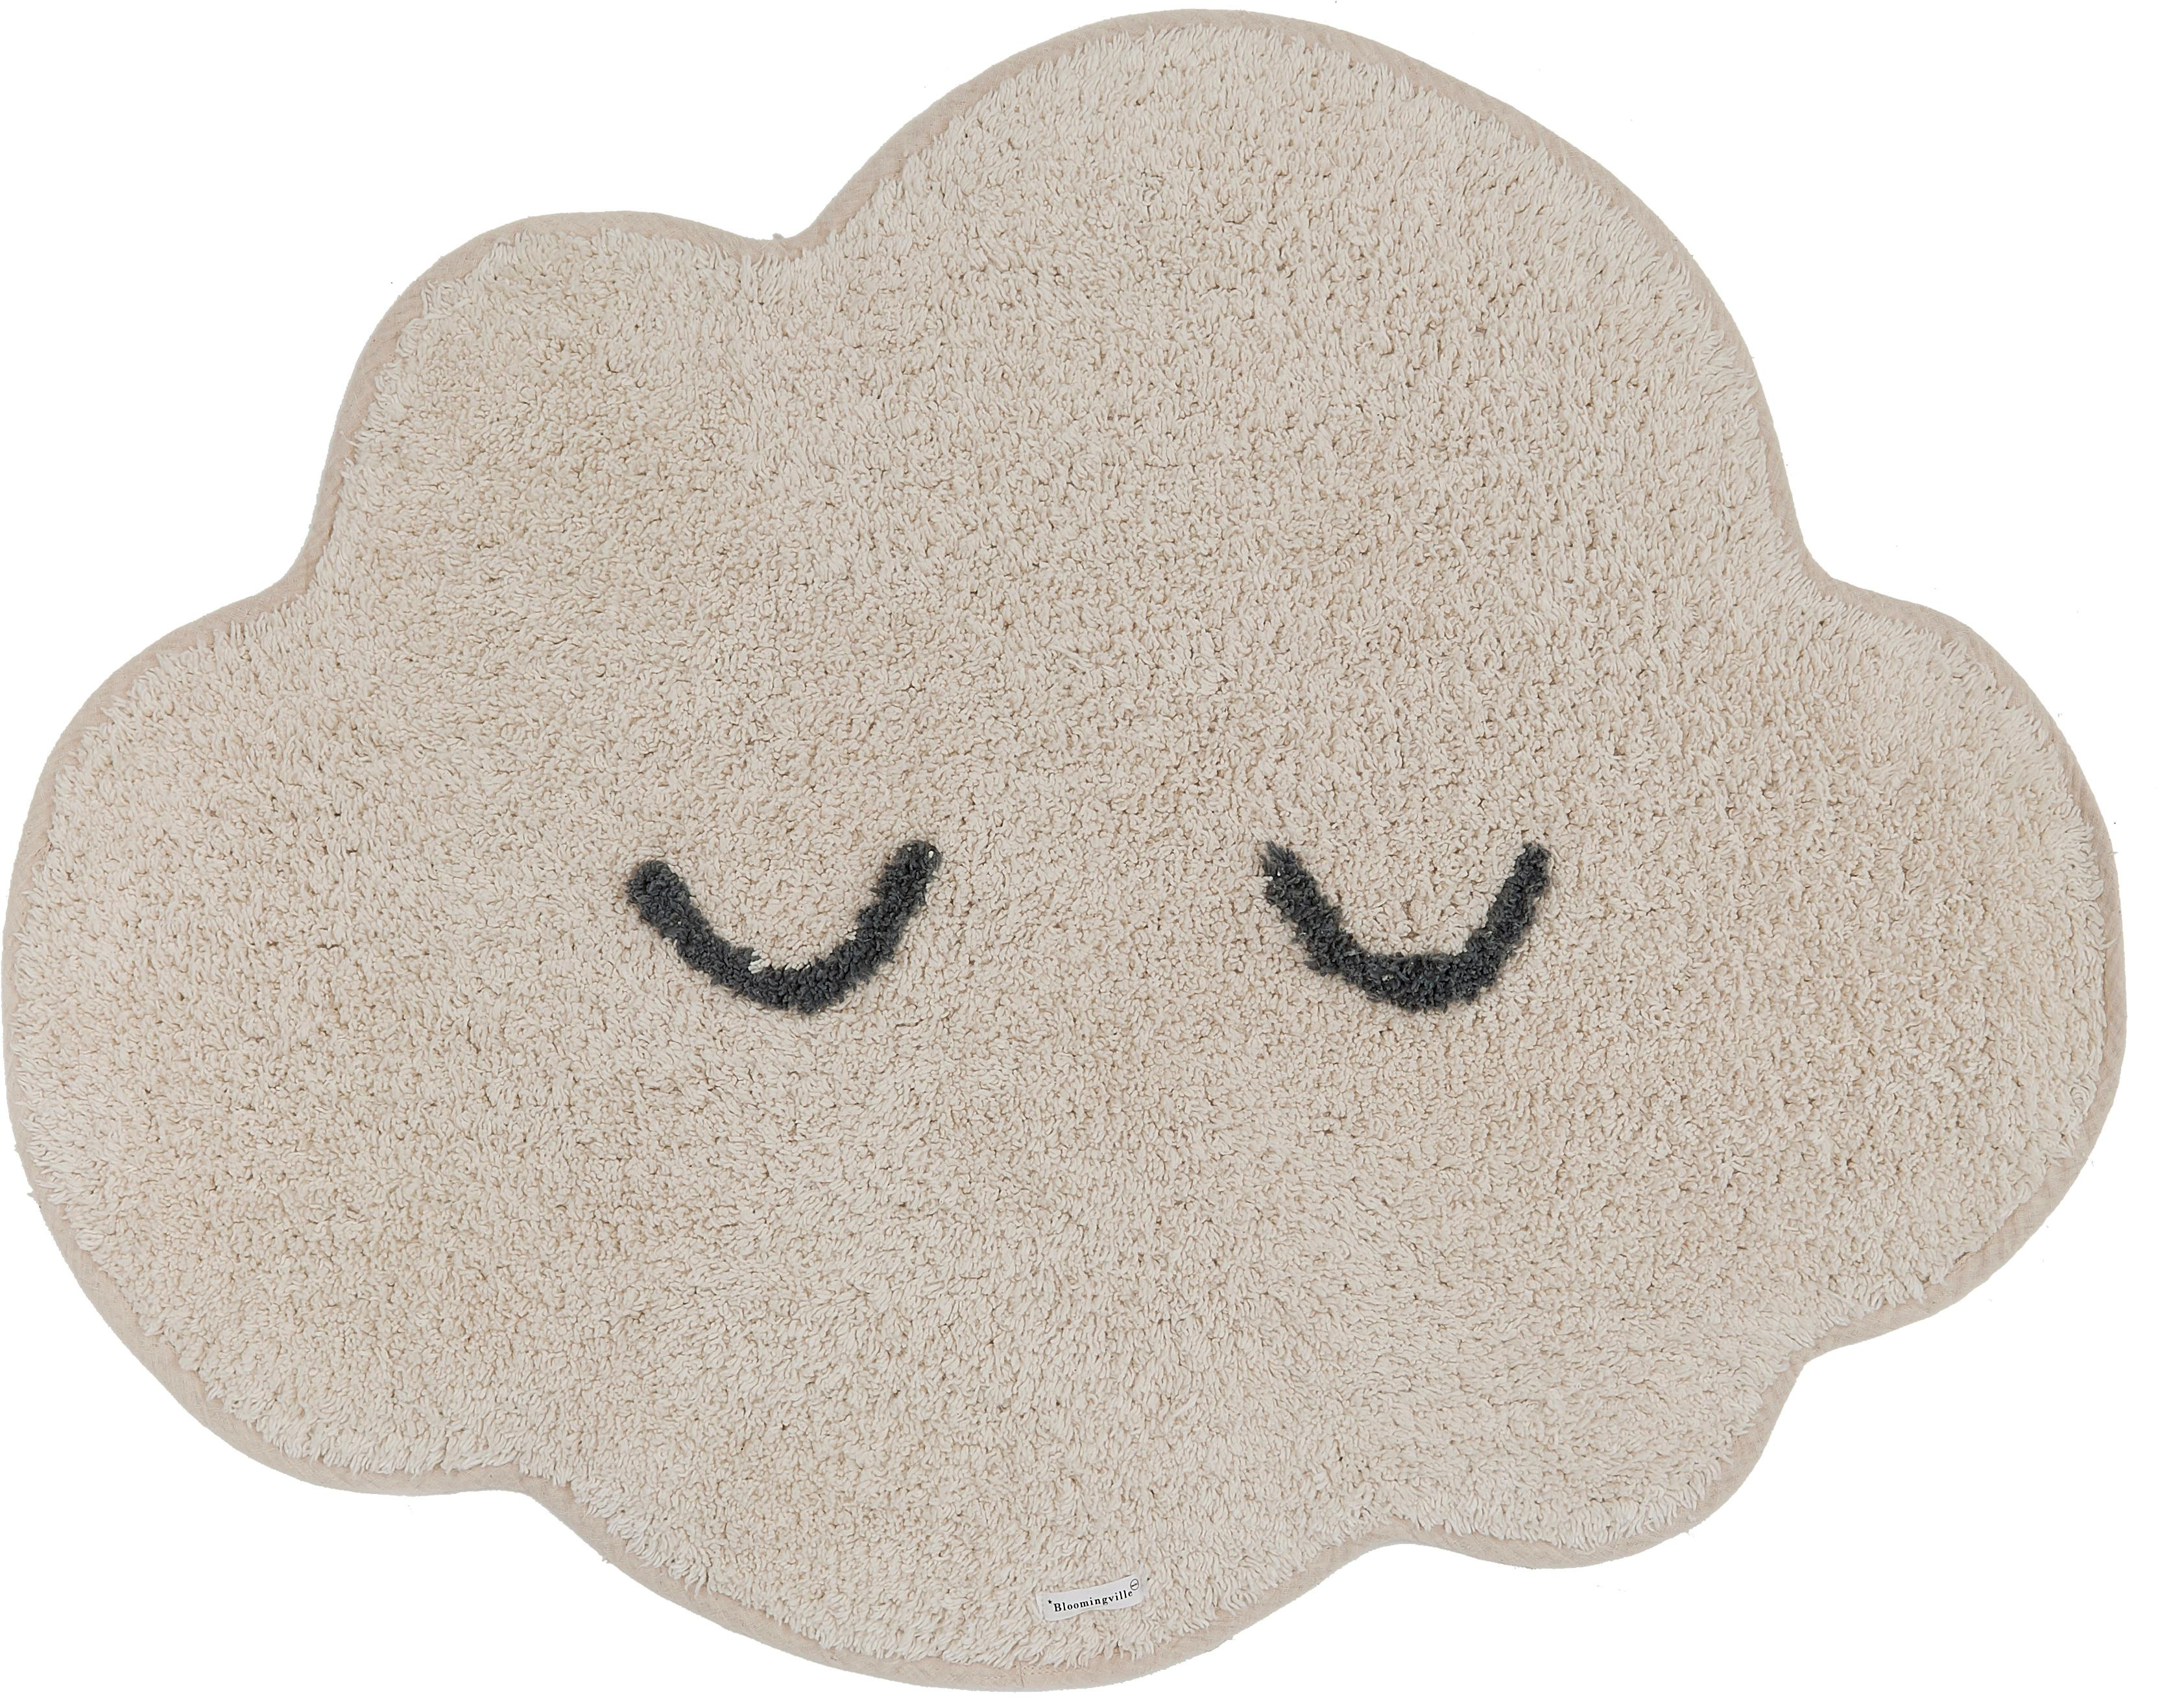 Vloerkleed Cloud, Katoen, Beige, 57 x 82 cm